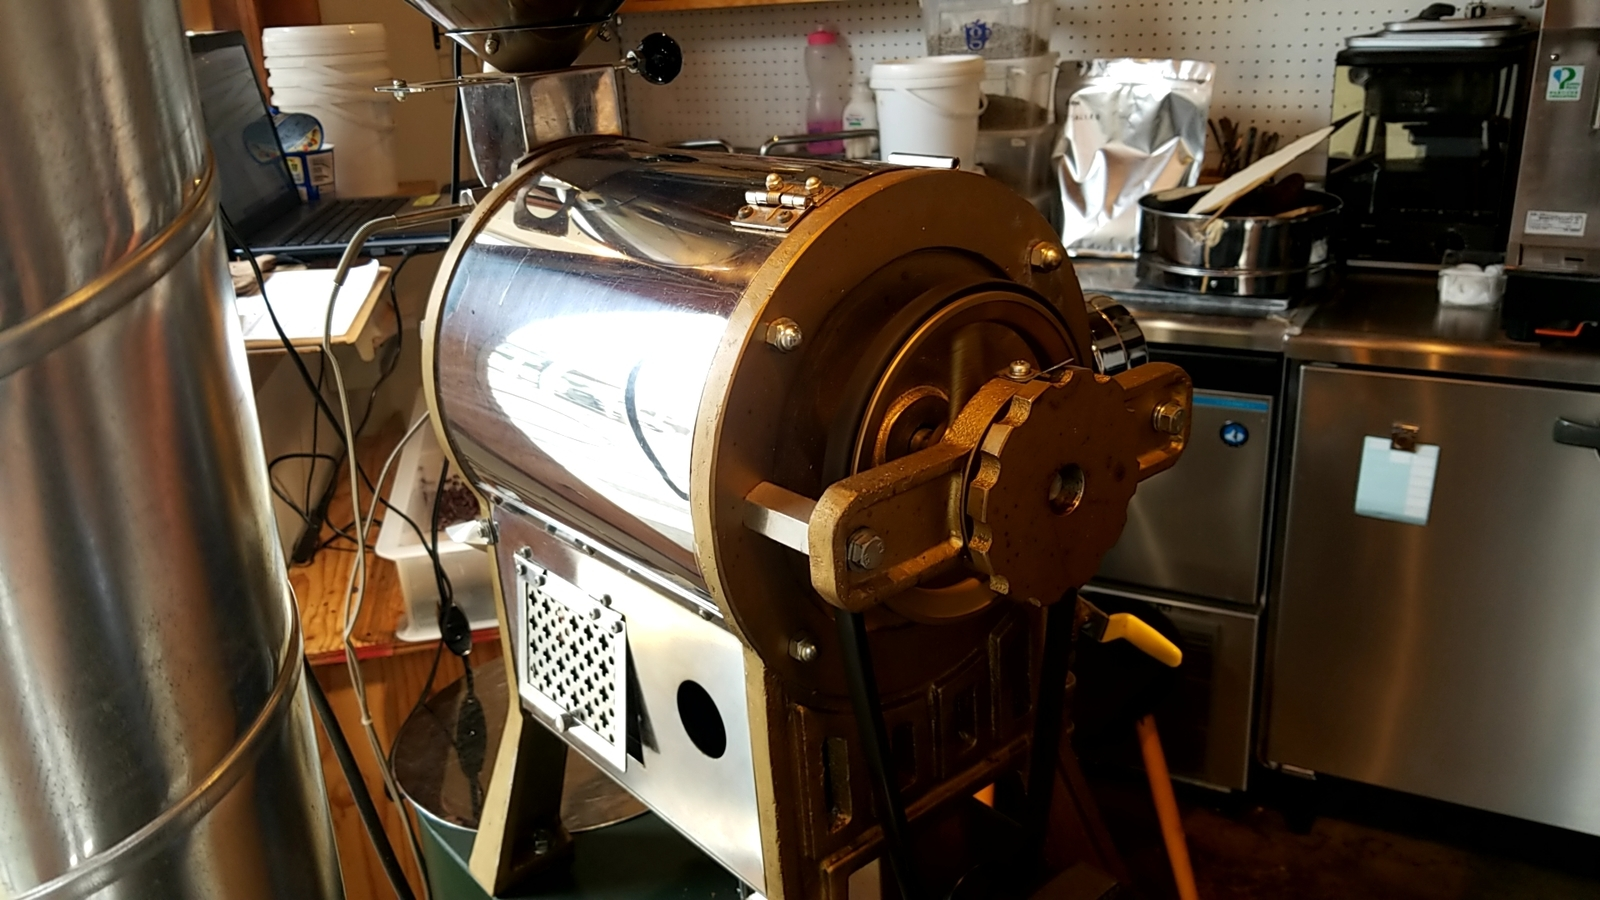 【川越 観光】街のカフェ屋さんで冷たいアイスコーヒーをいただく